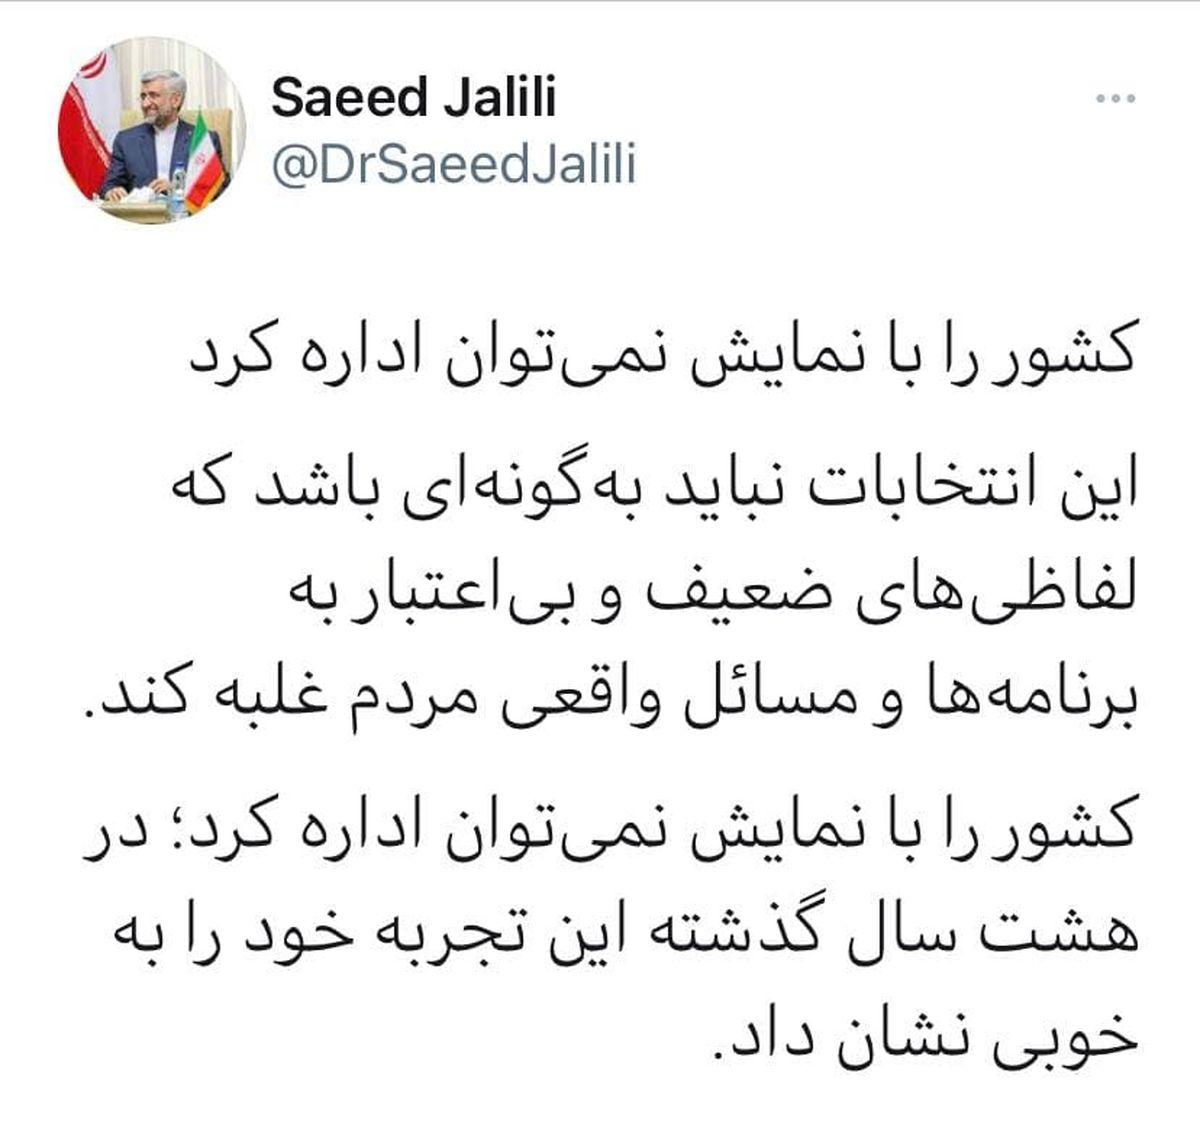 توئیت نمایشی سعید جلیلی!